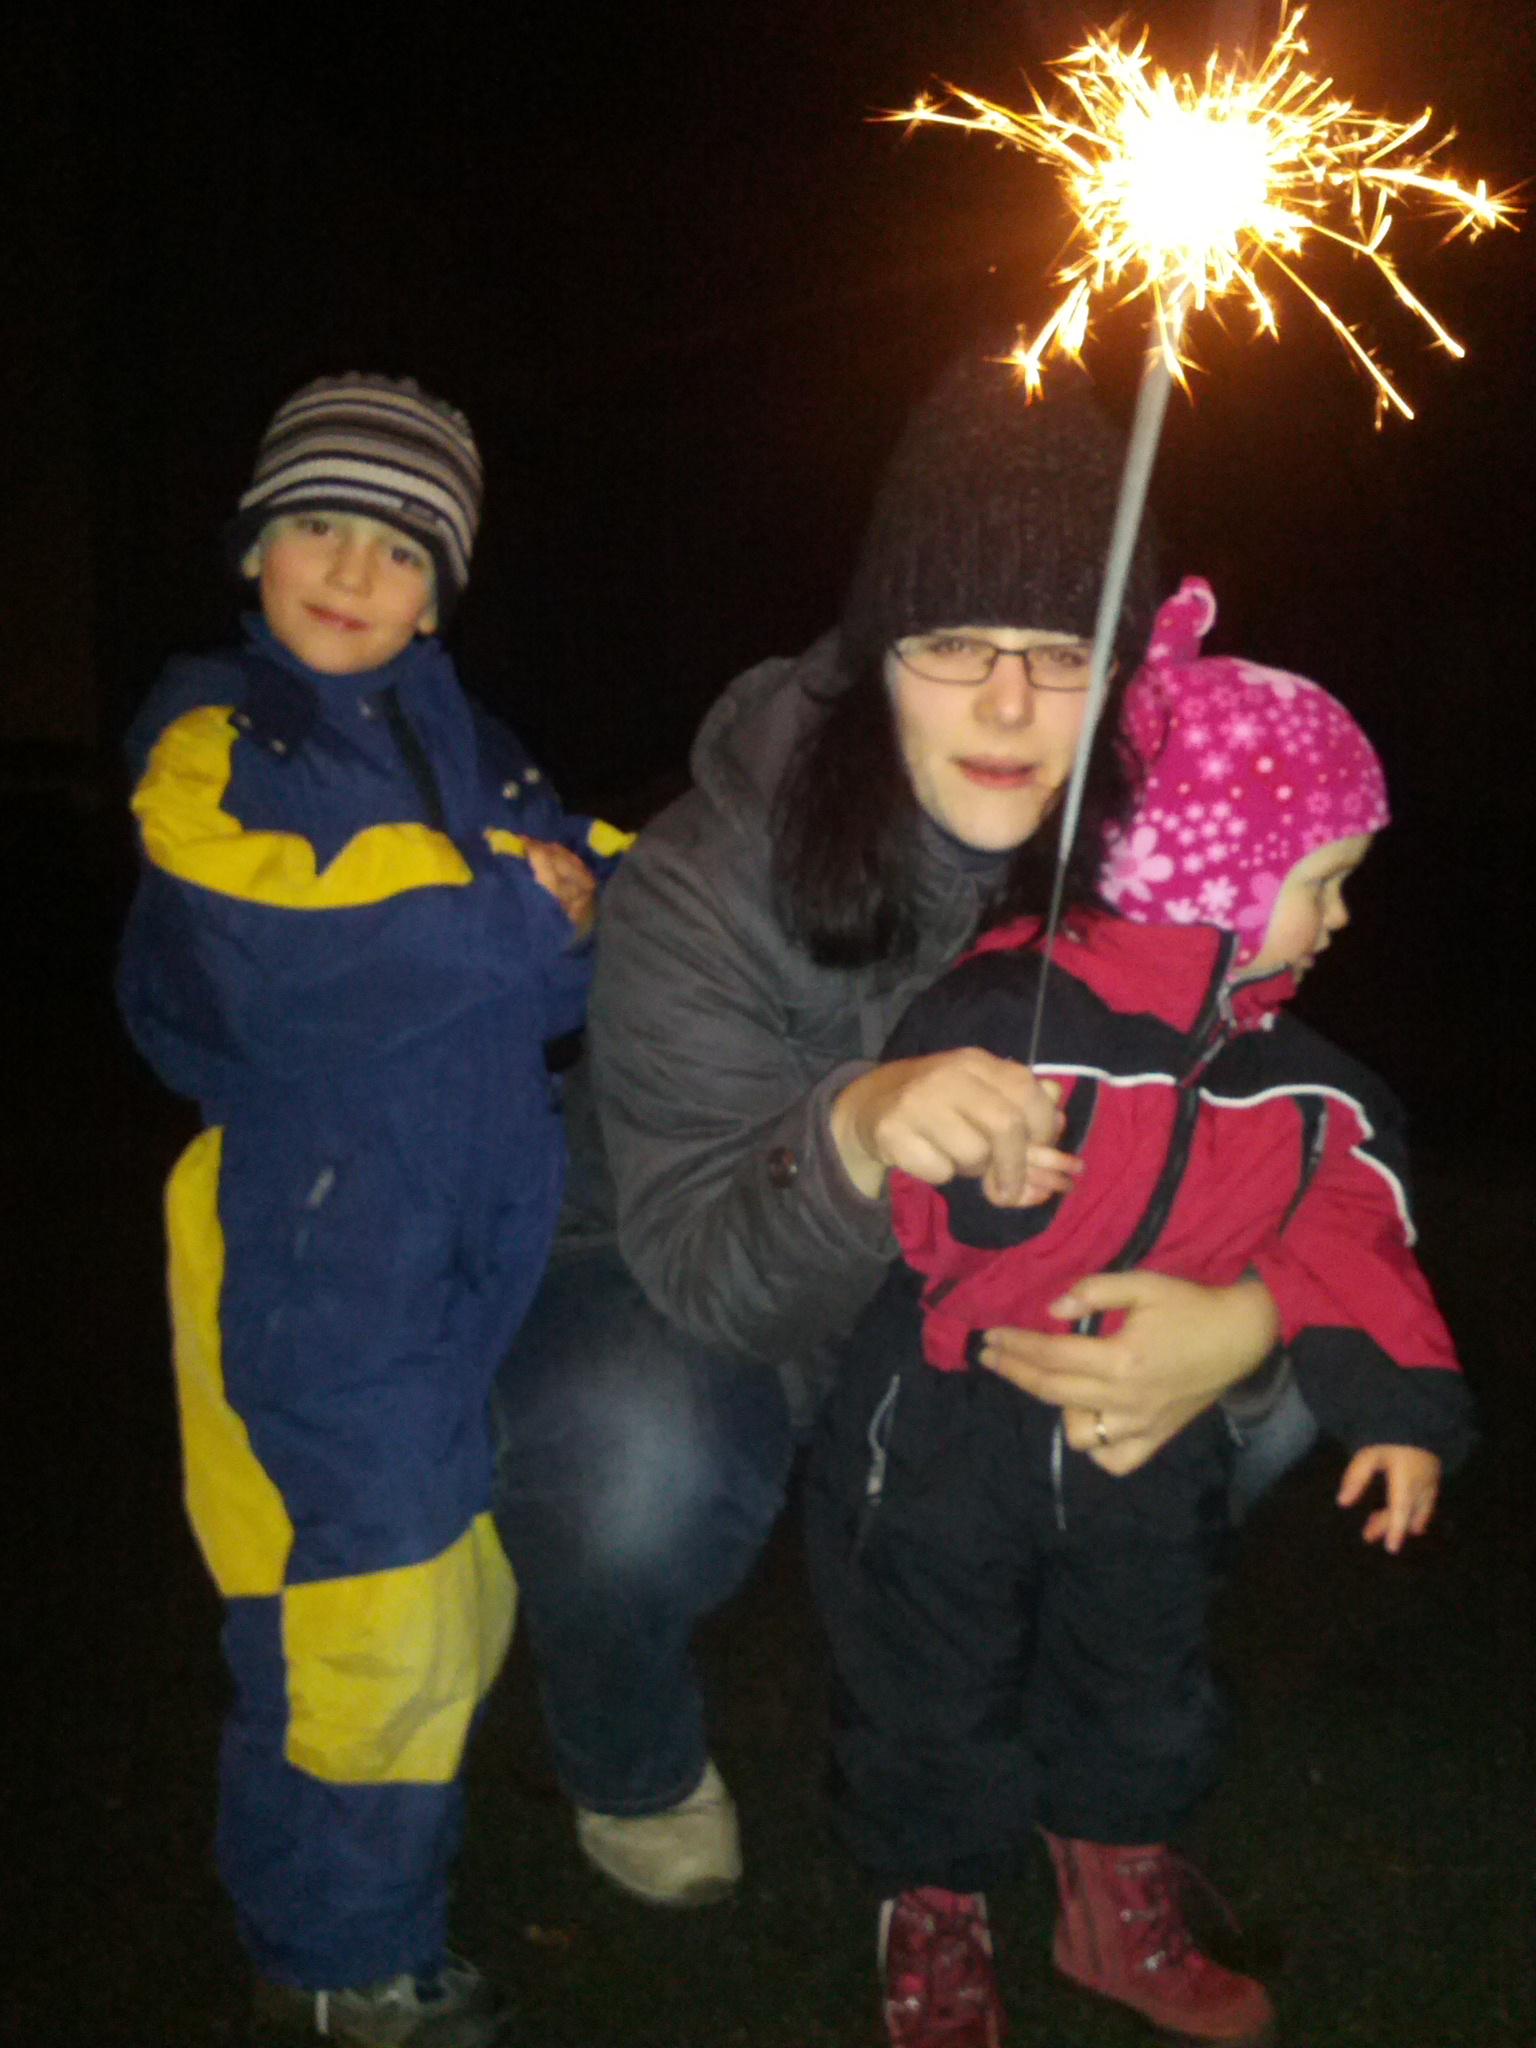 Wir wünschen ein gesundes und erfolgreiches neues Jahr!